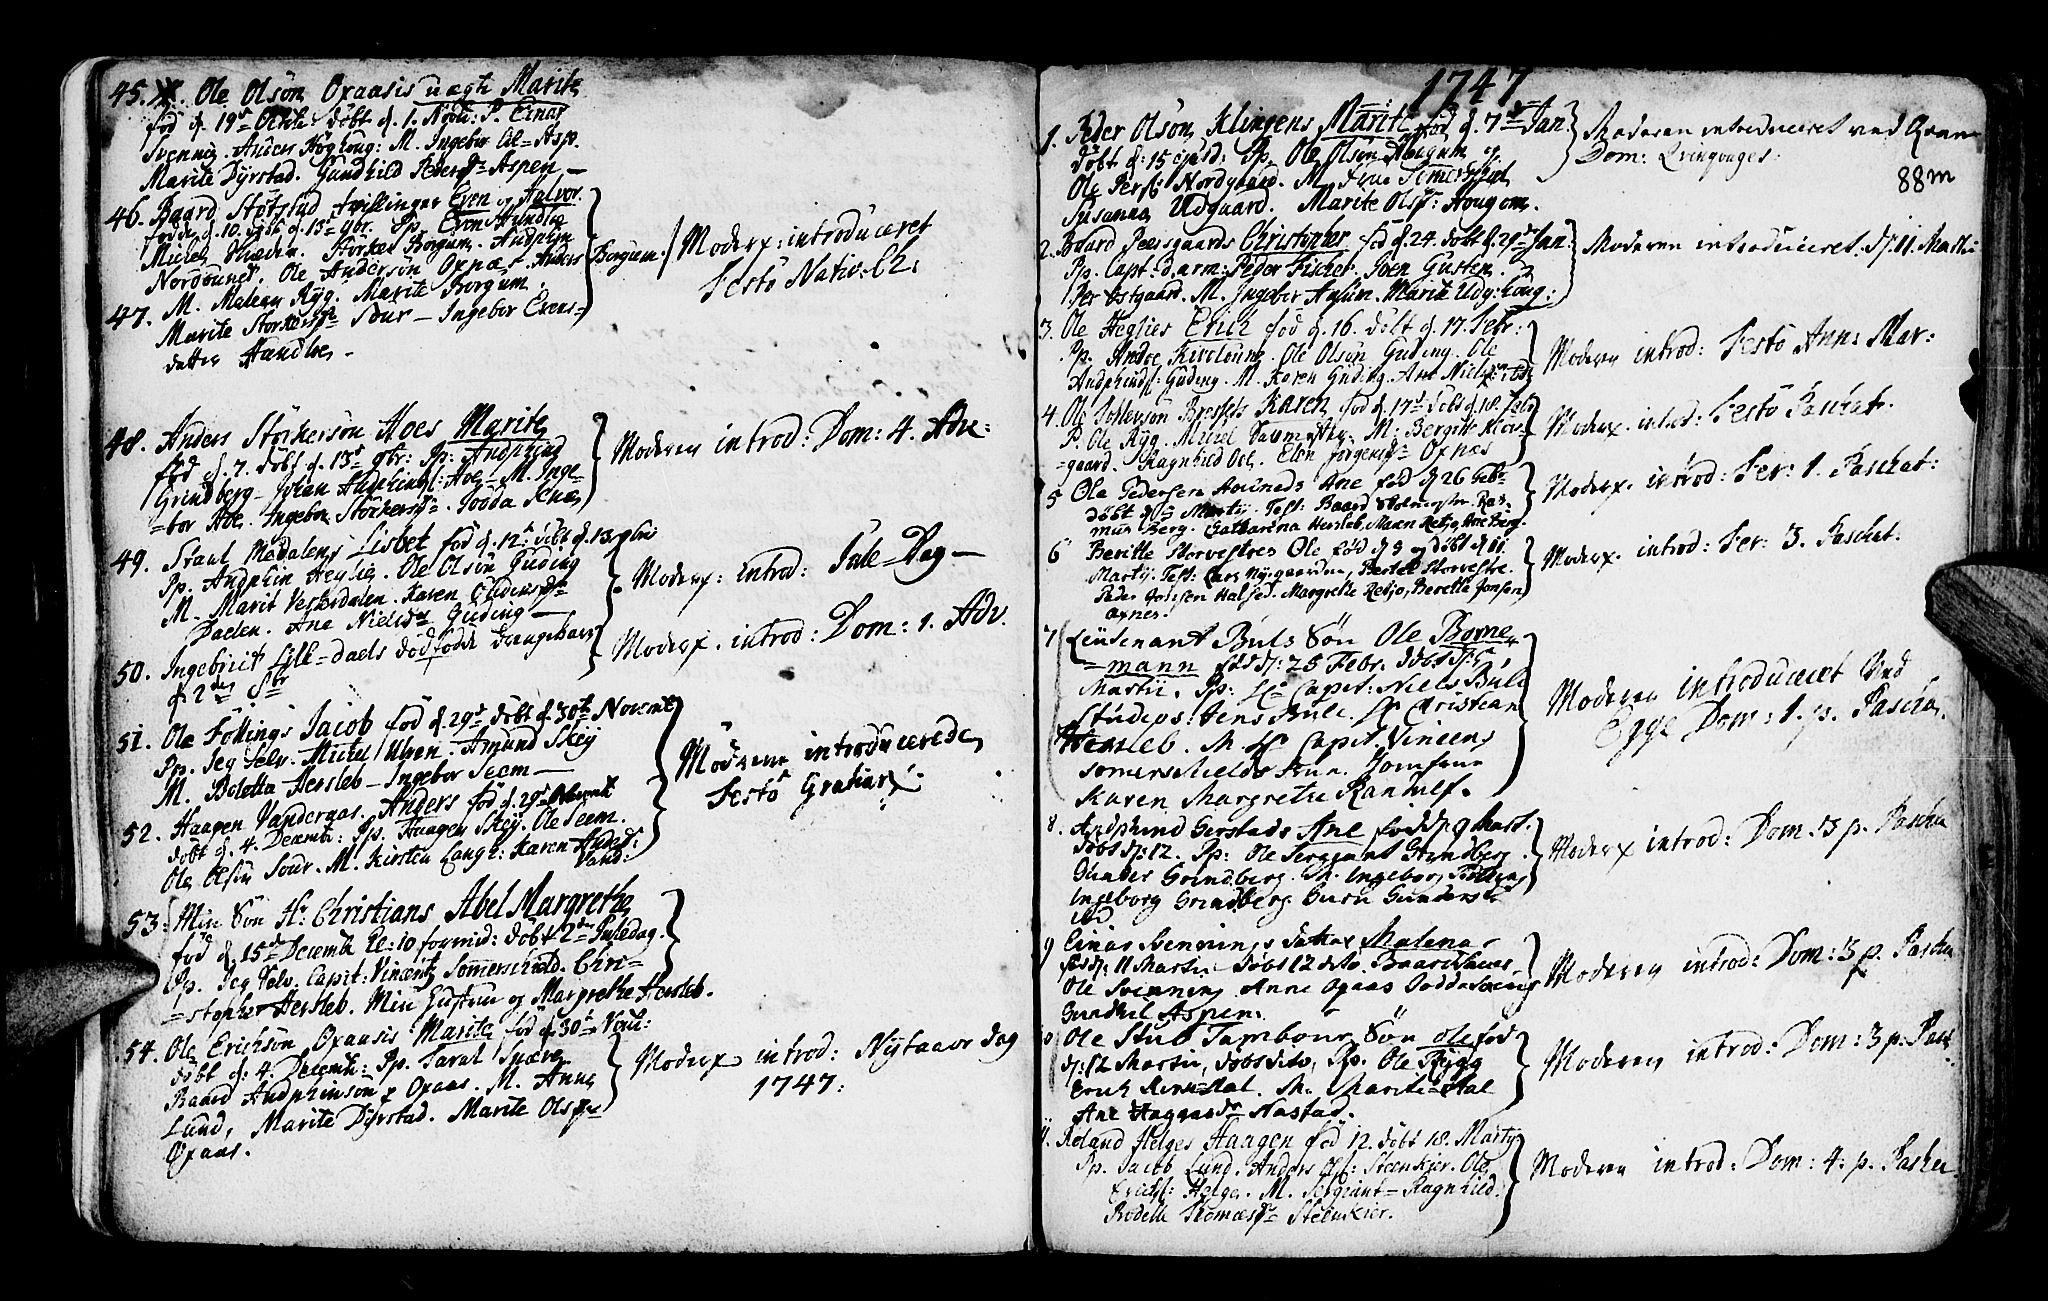 SAT, Ministerialprotokoller, klokkerbøker og fødselsregistre - Nord-Trøndelag, 746/L0439: Ministerialbok nr. 746A01, 1688-1759, s. 88m